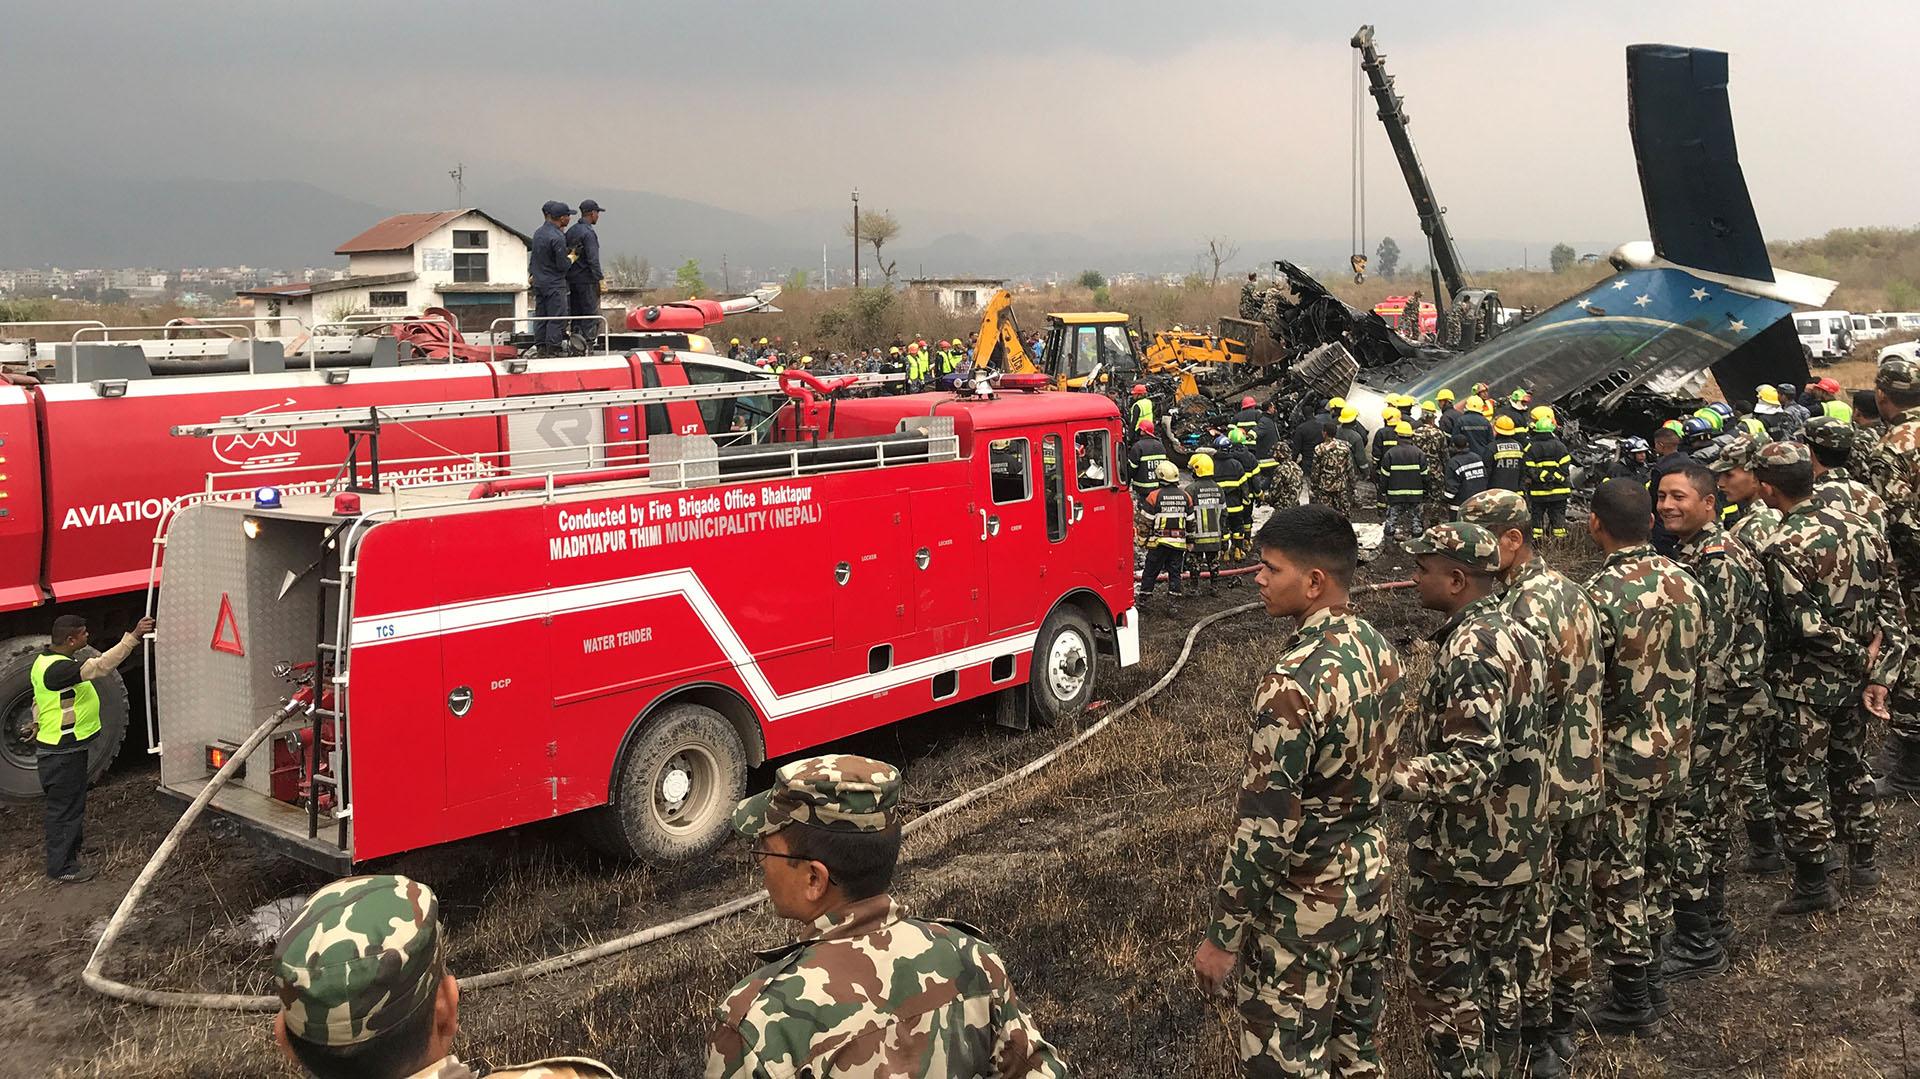 Los vehículos de los bomberos que apagaron el incendio del avión y los militares que cercaron el lugar tras el accidente